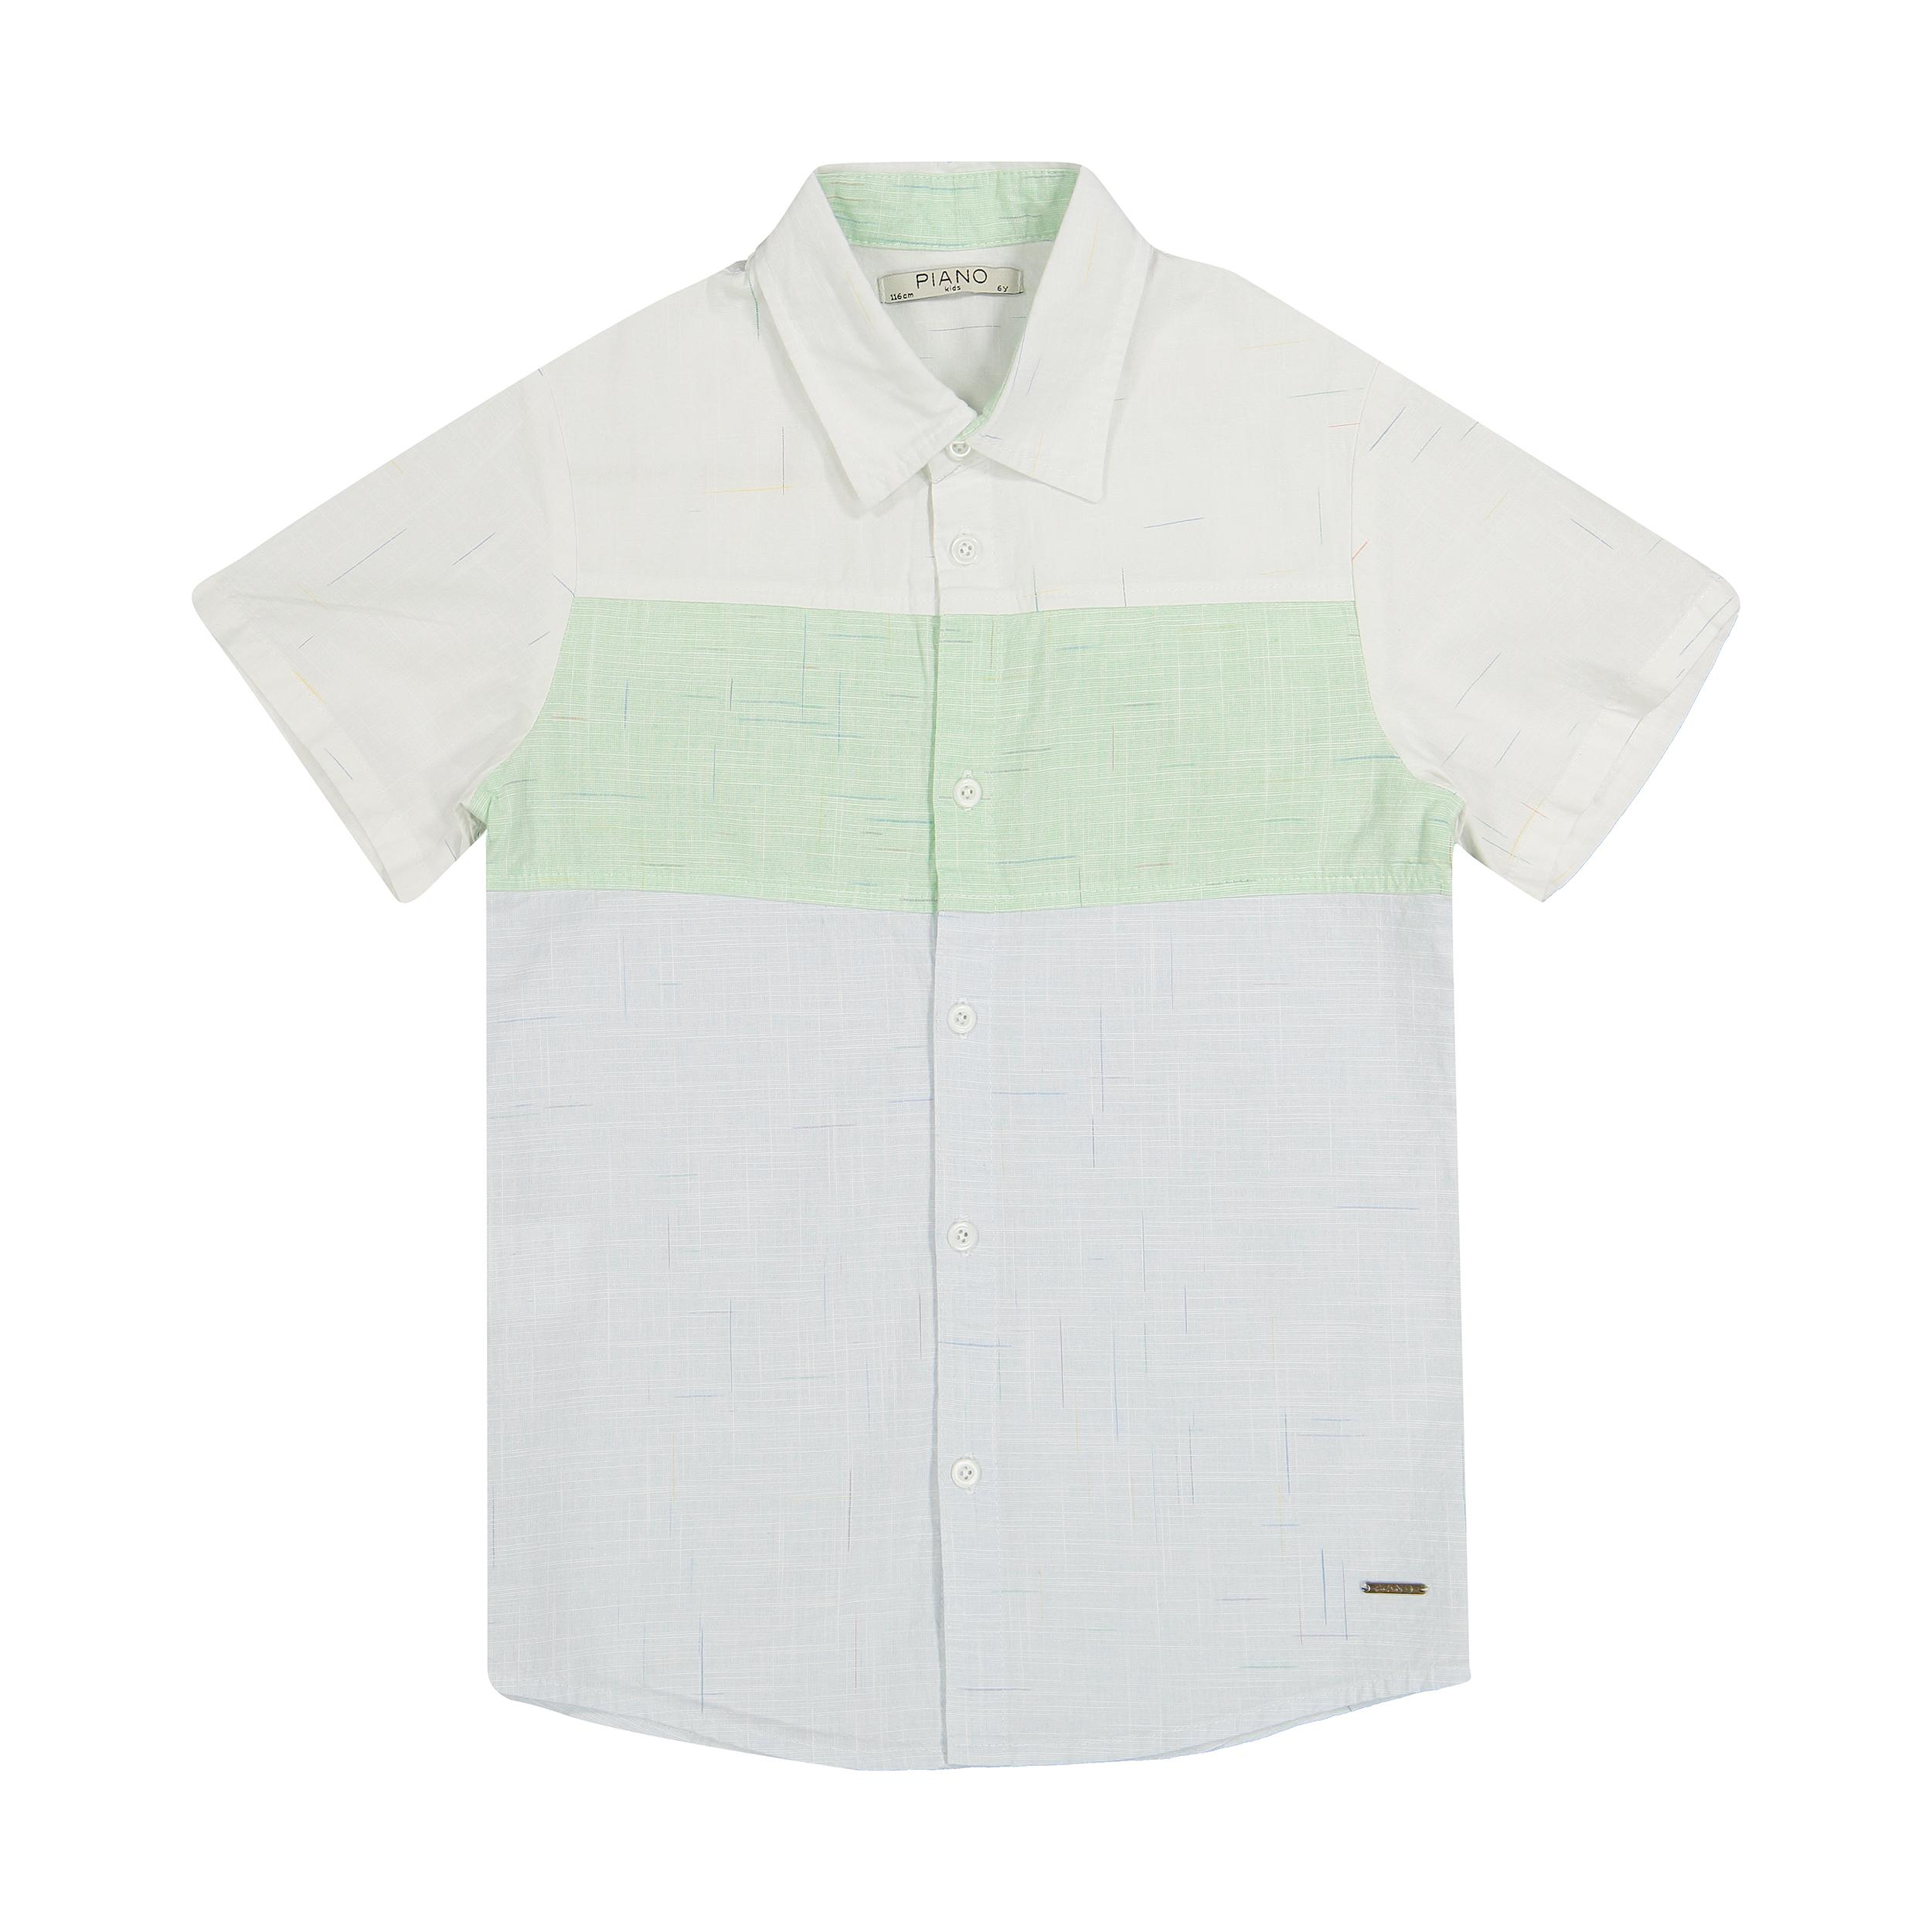 پیراهن پسرانه پیانو مدل 01541-1